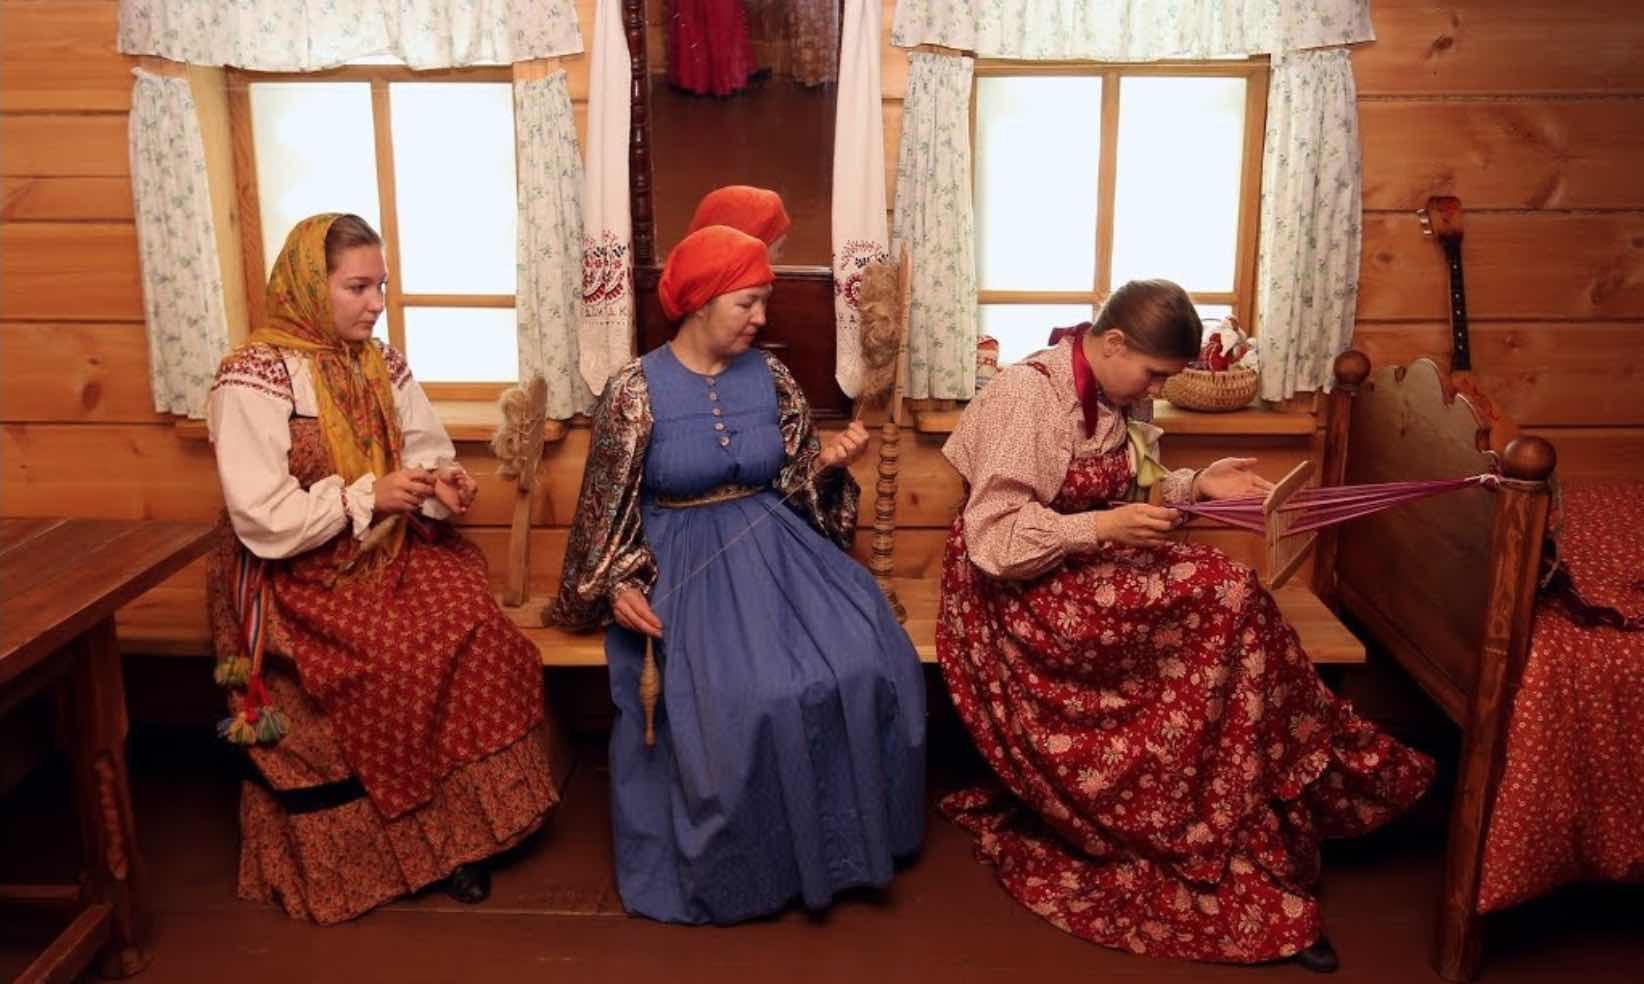 Какой церковный праздник сегодня 14 ноября 2020 чтят православные: Кузьминки осенние отмечают 14.11.2020